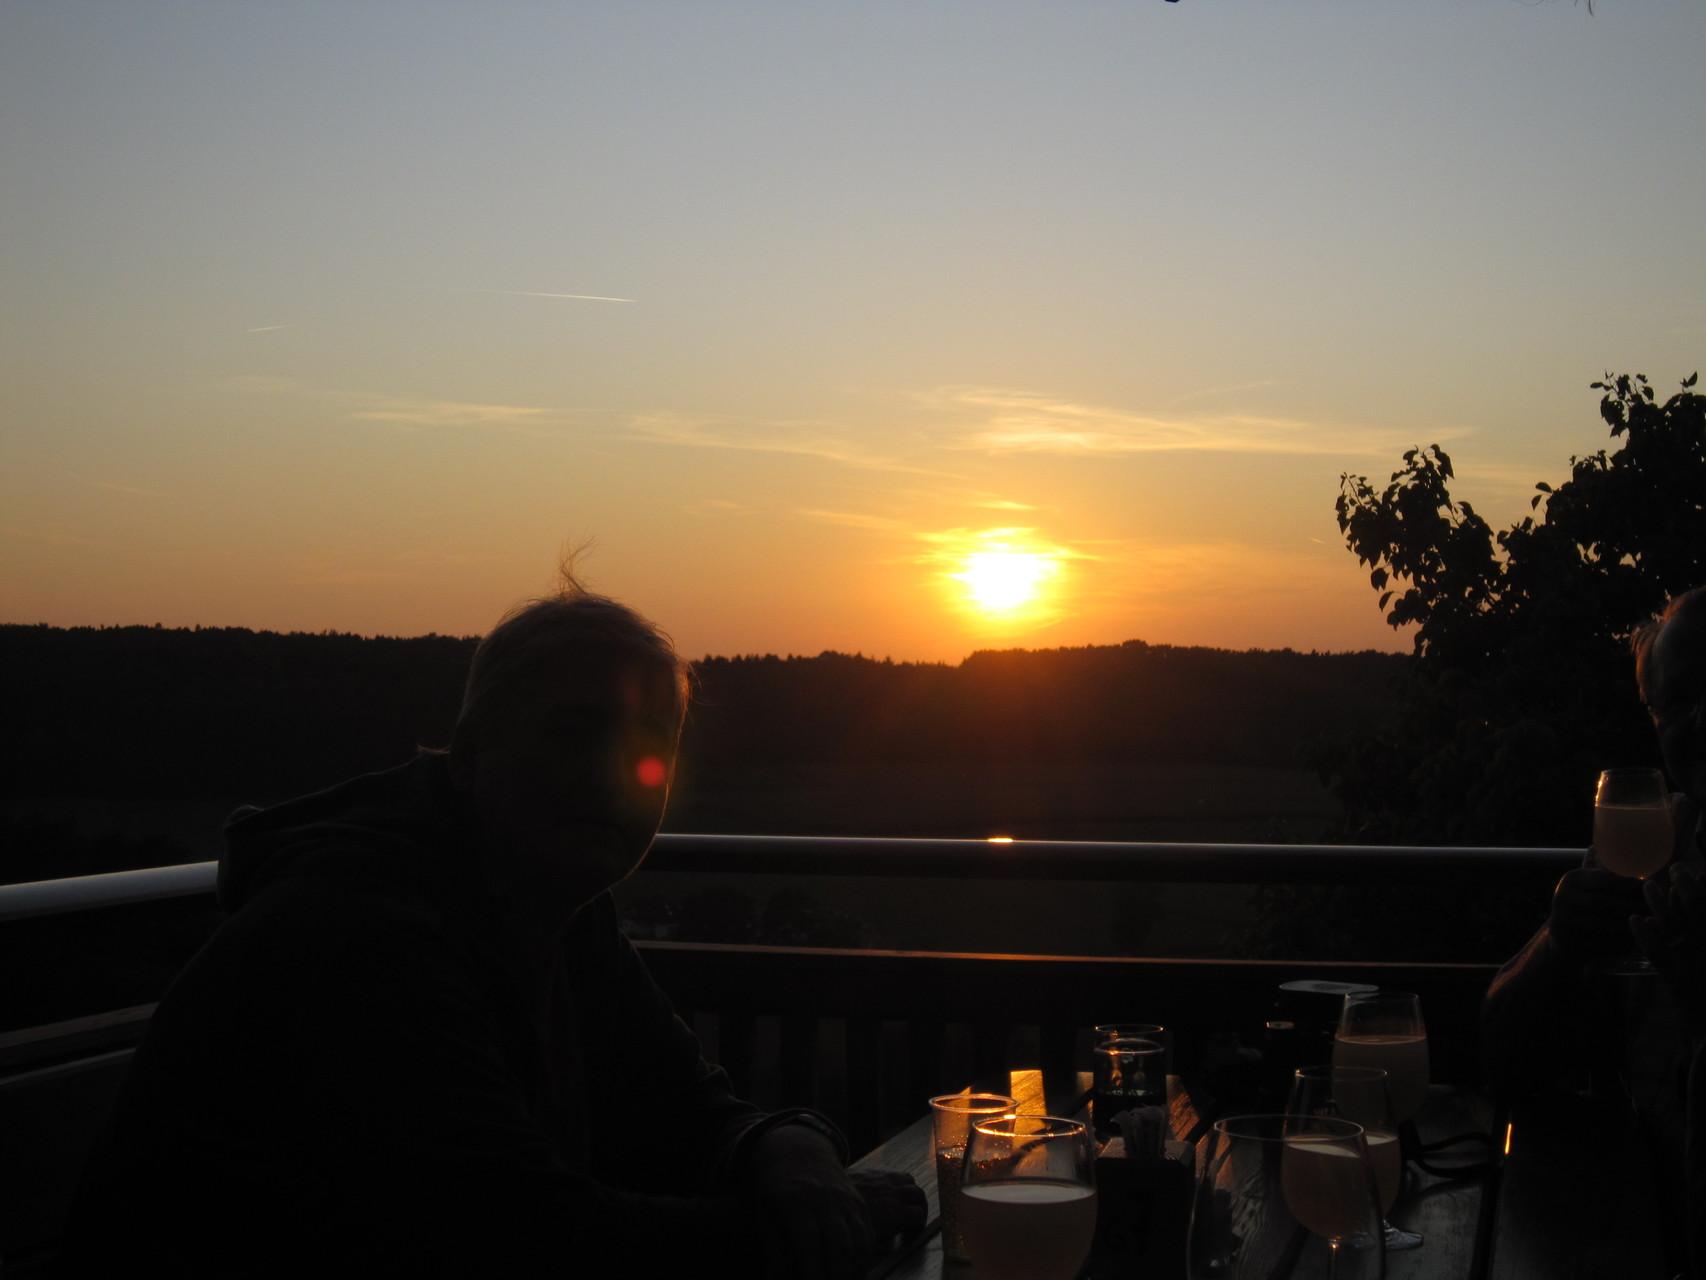 Der Abend verabschiedet sich mit einem prächtigen Sonnenuntergang